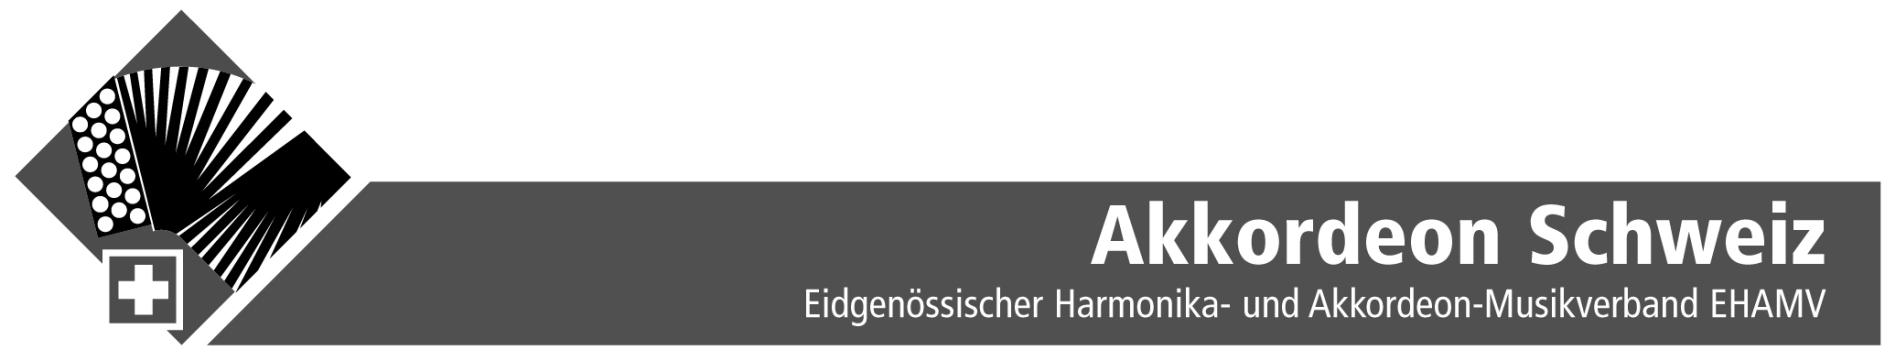 Akkordeon Schweiz Eidgenössischer Harmonika- und Akkordeon-Musikverband EHAMV